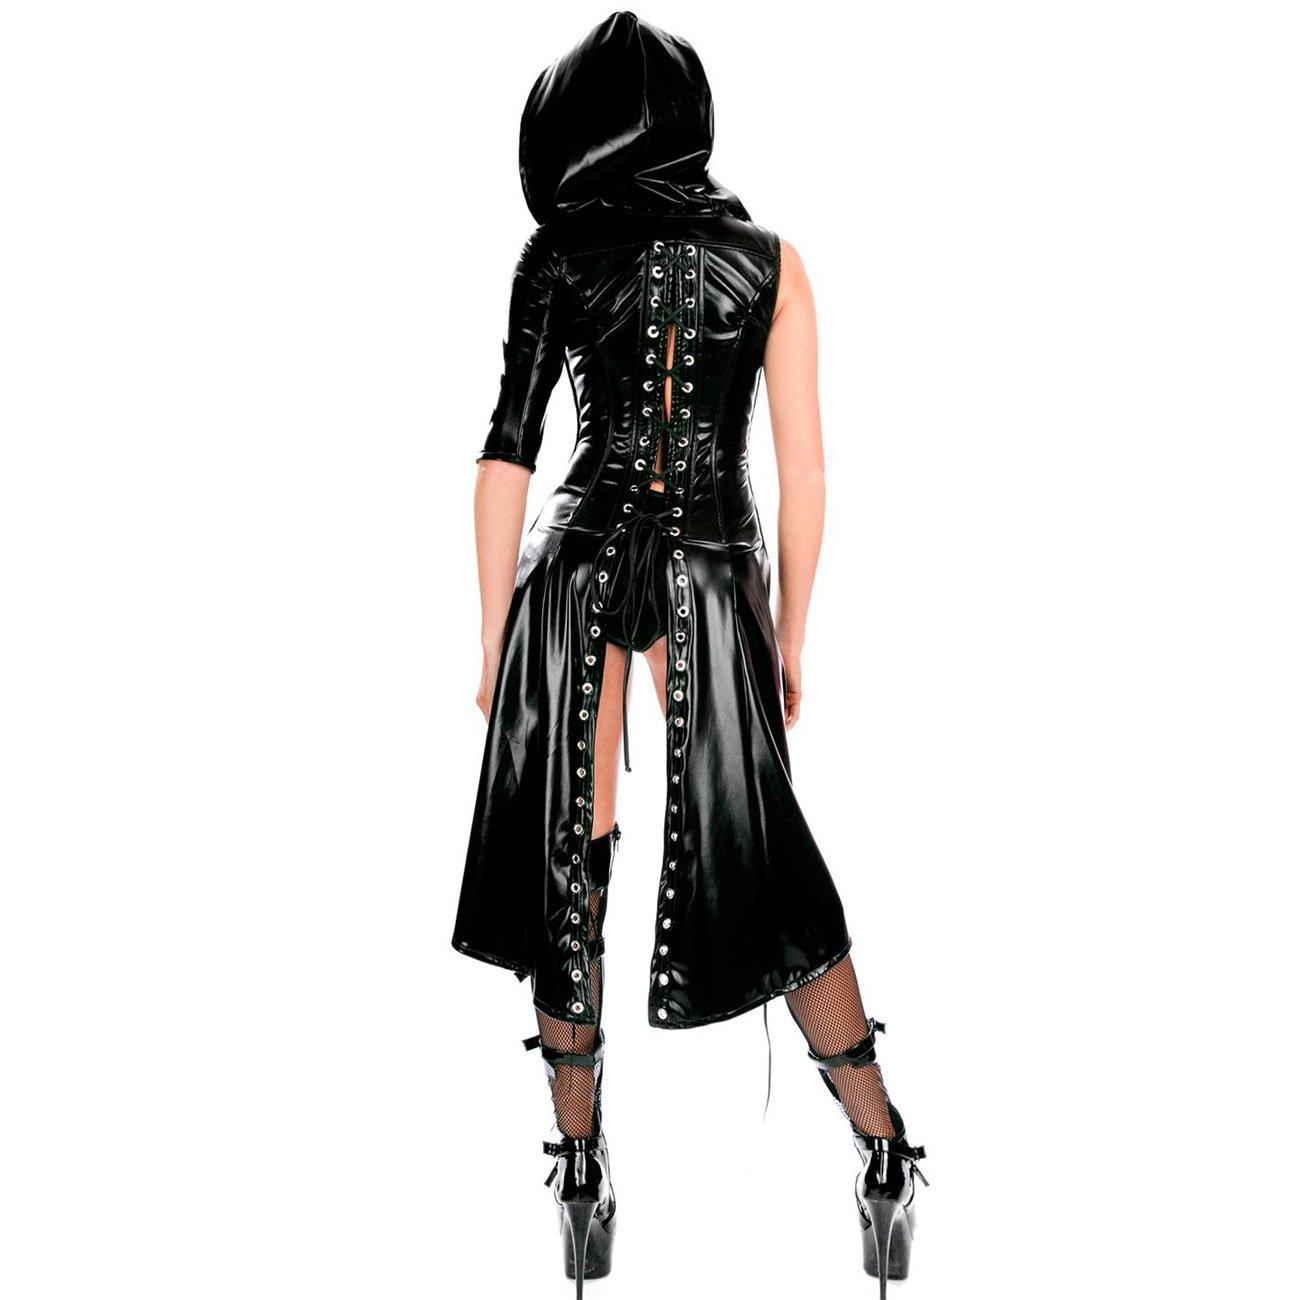 Wonder Pretty Women's Faux Leather Cape Cloak Costume Punk Gothic Dress Lace up Catsuit Hooded Cape Jumpsuit, Black, Medium by Wonder Pretty (Image #2)